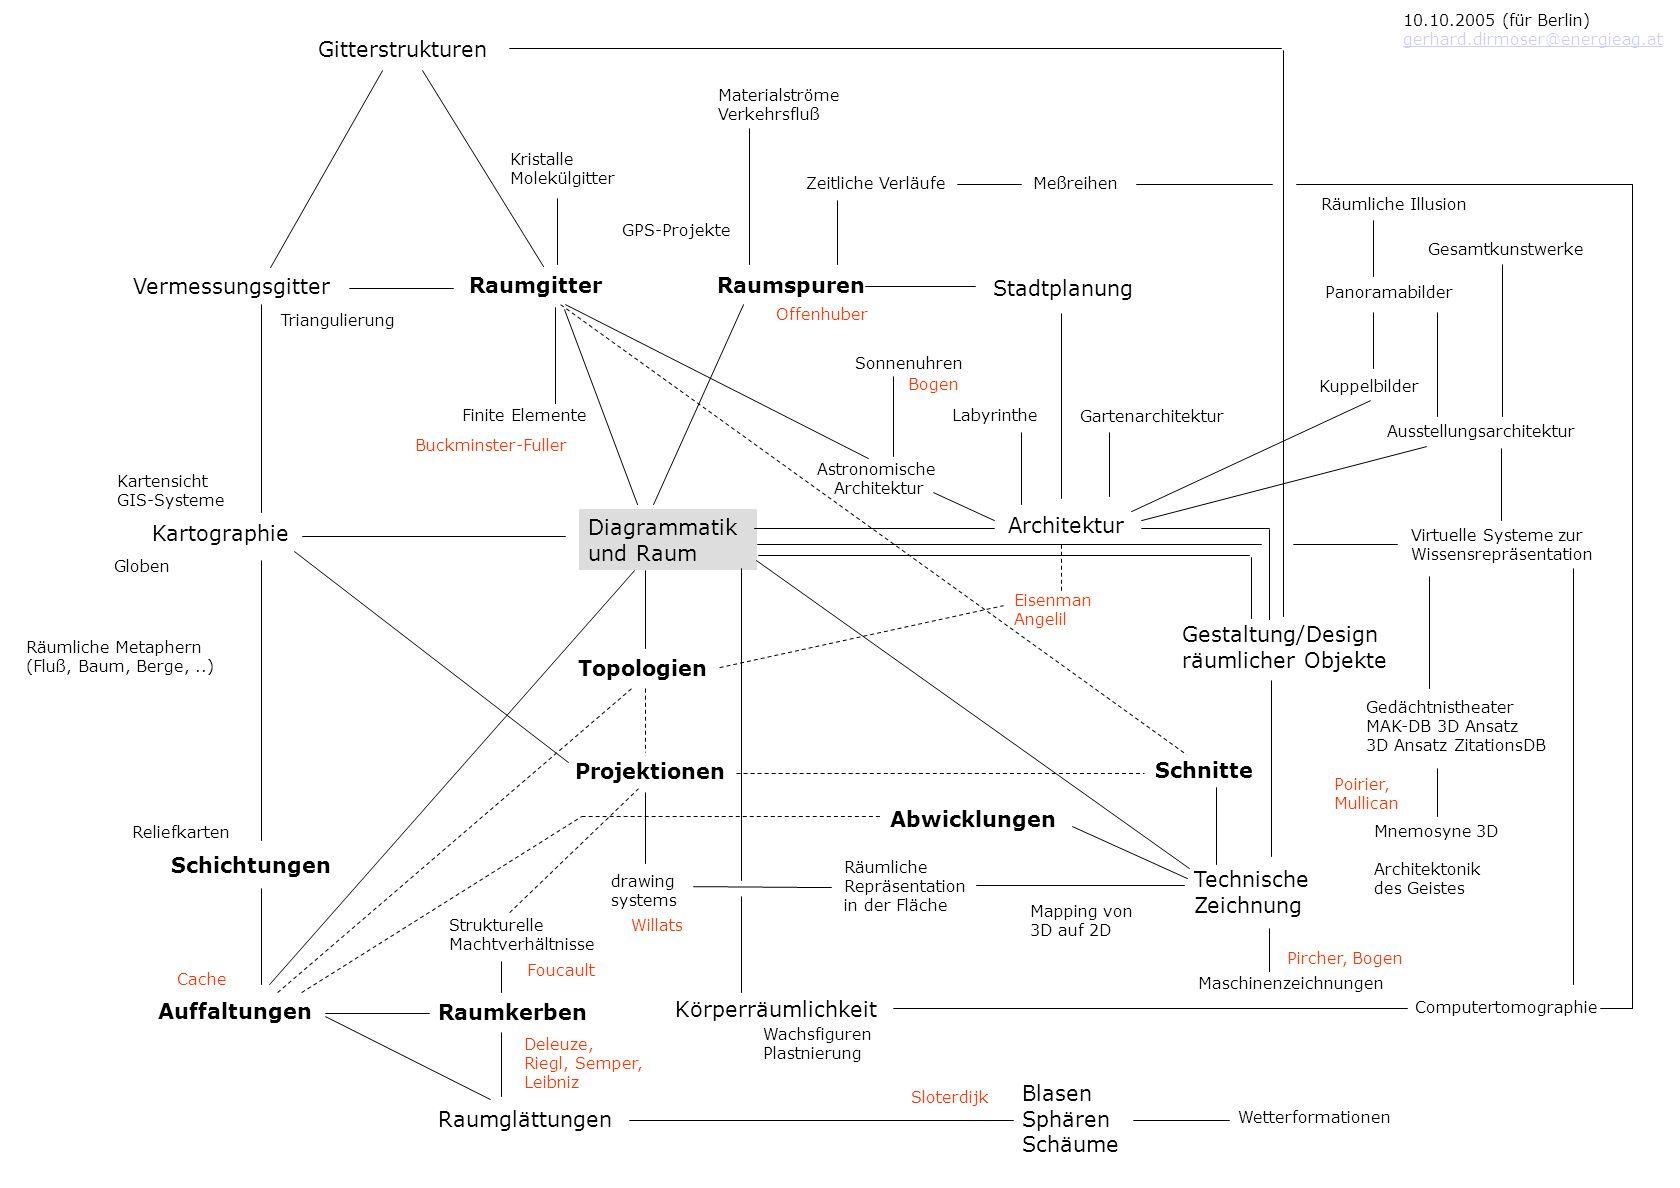 Diagrammatik und Raum Architektur Raumspuren Stadtplanung Kartographie Projektionen Technische Zeichnung drawing systems Topologien Vermessungsgitter